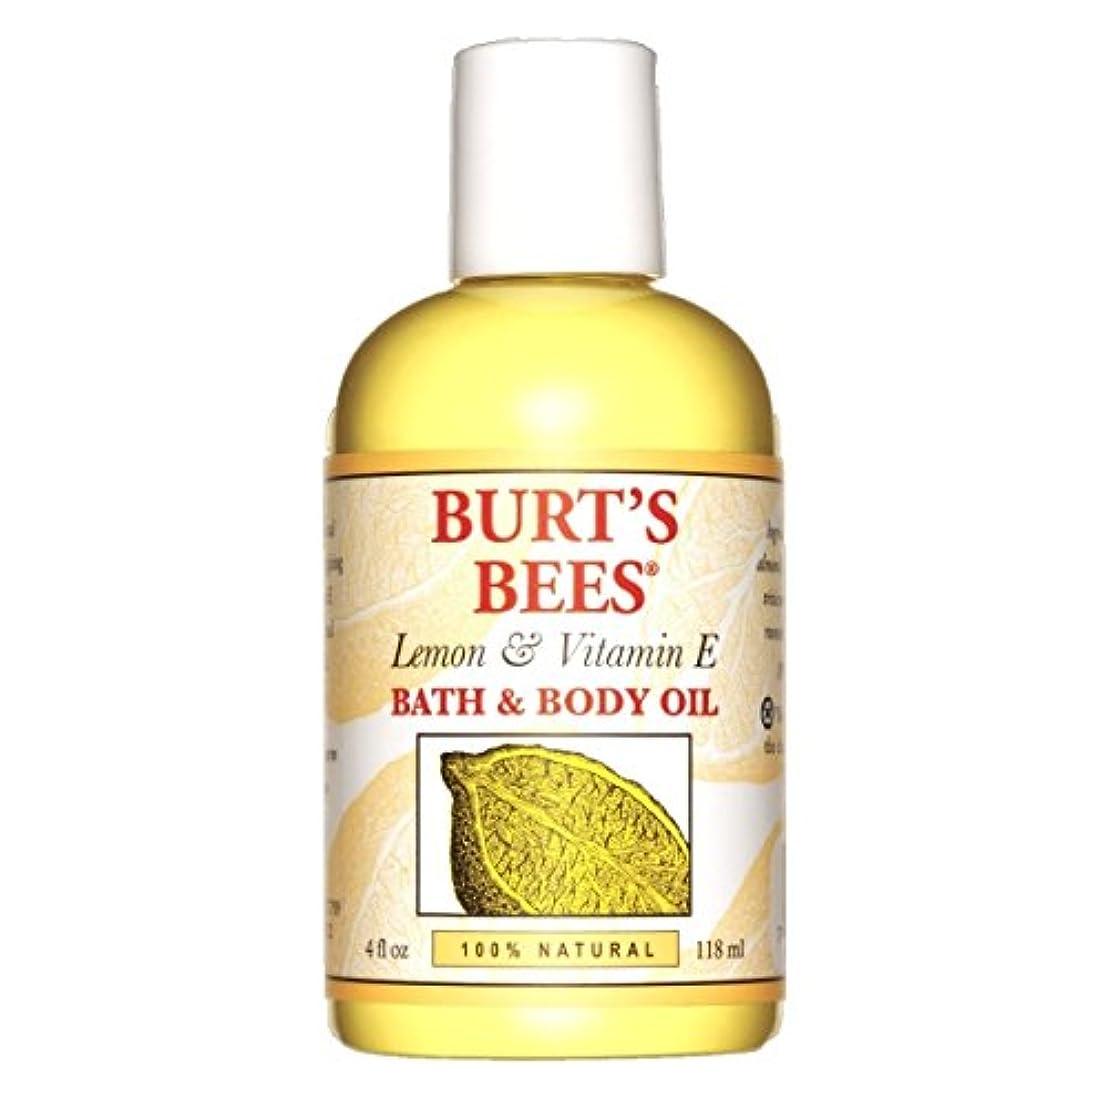 大使道路を作るプロセス足バーツビーズ(Burt's Bees) レモン&ビタミンE バスアンドボディオイル 118ml [海外直送品][並行輸入品]